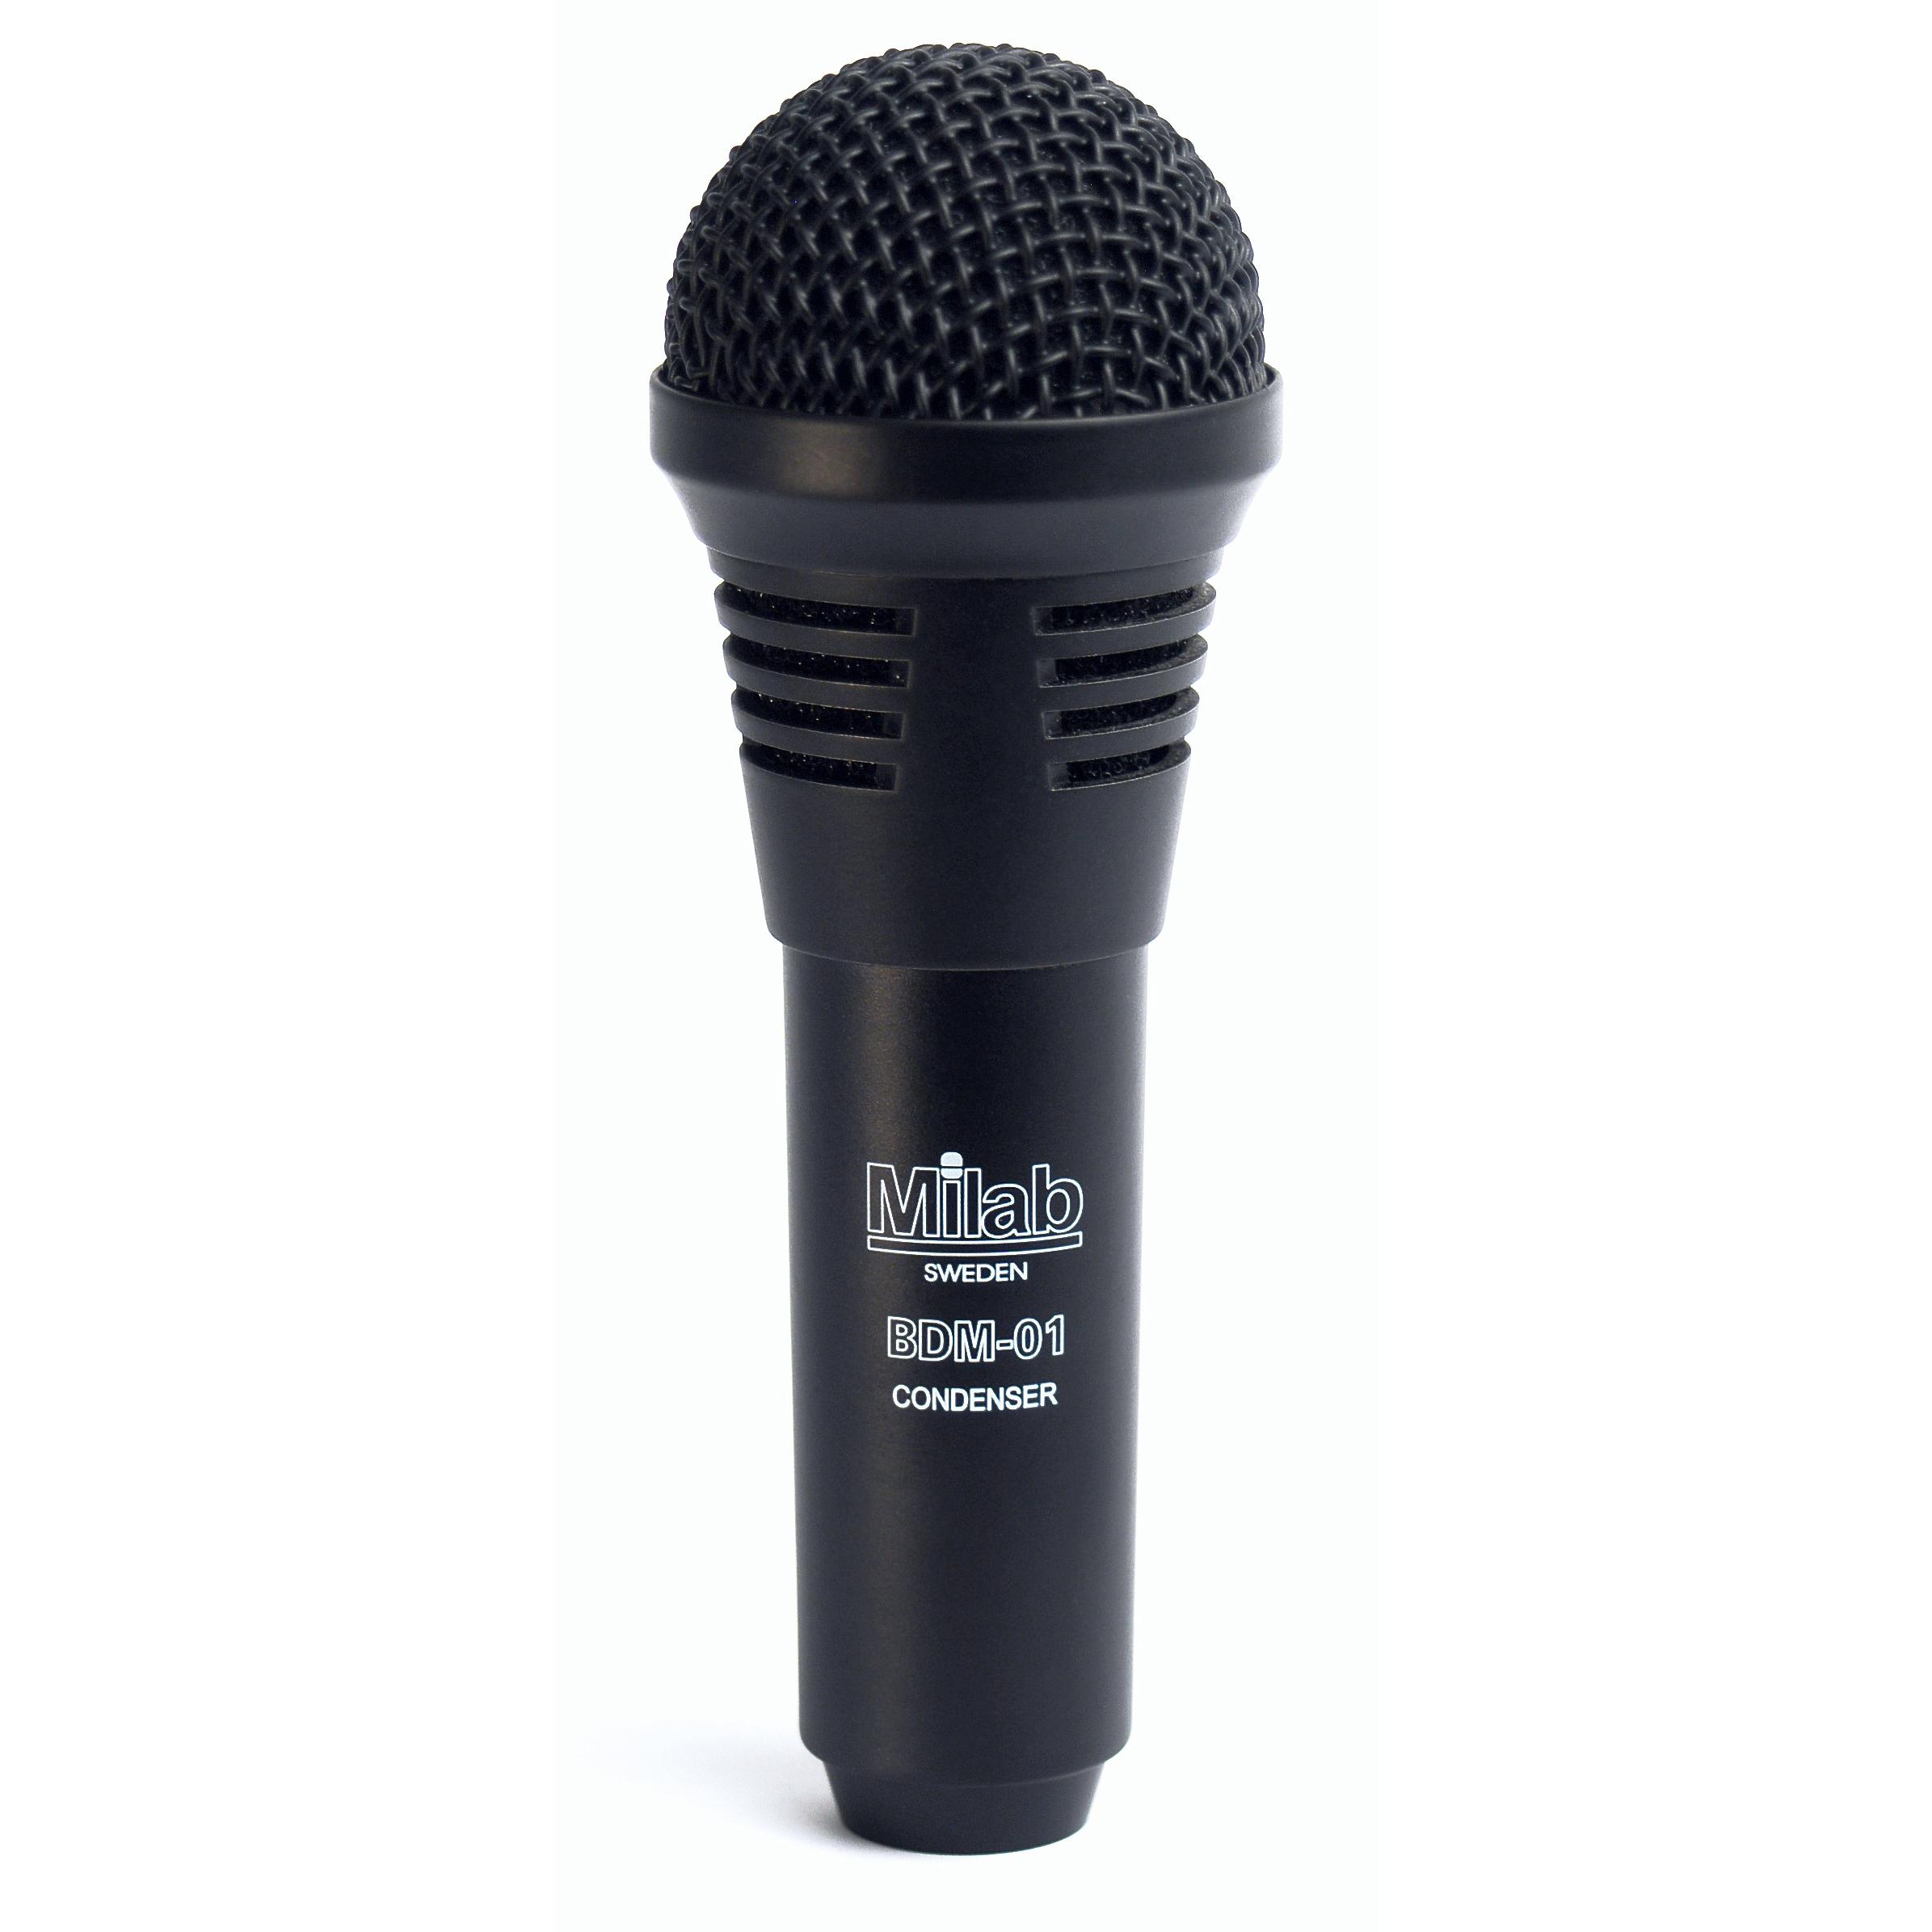 Milab BDM-01 kondensatormikrofon för bastrumma